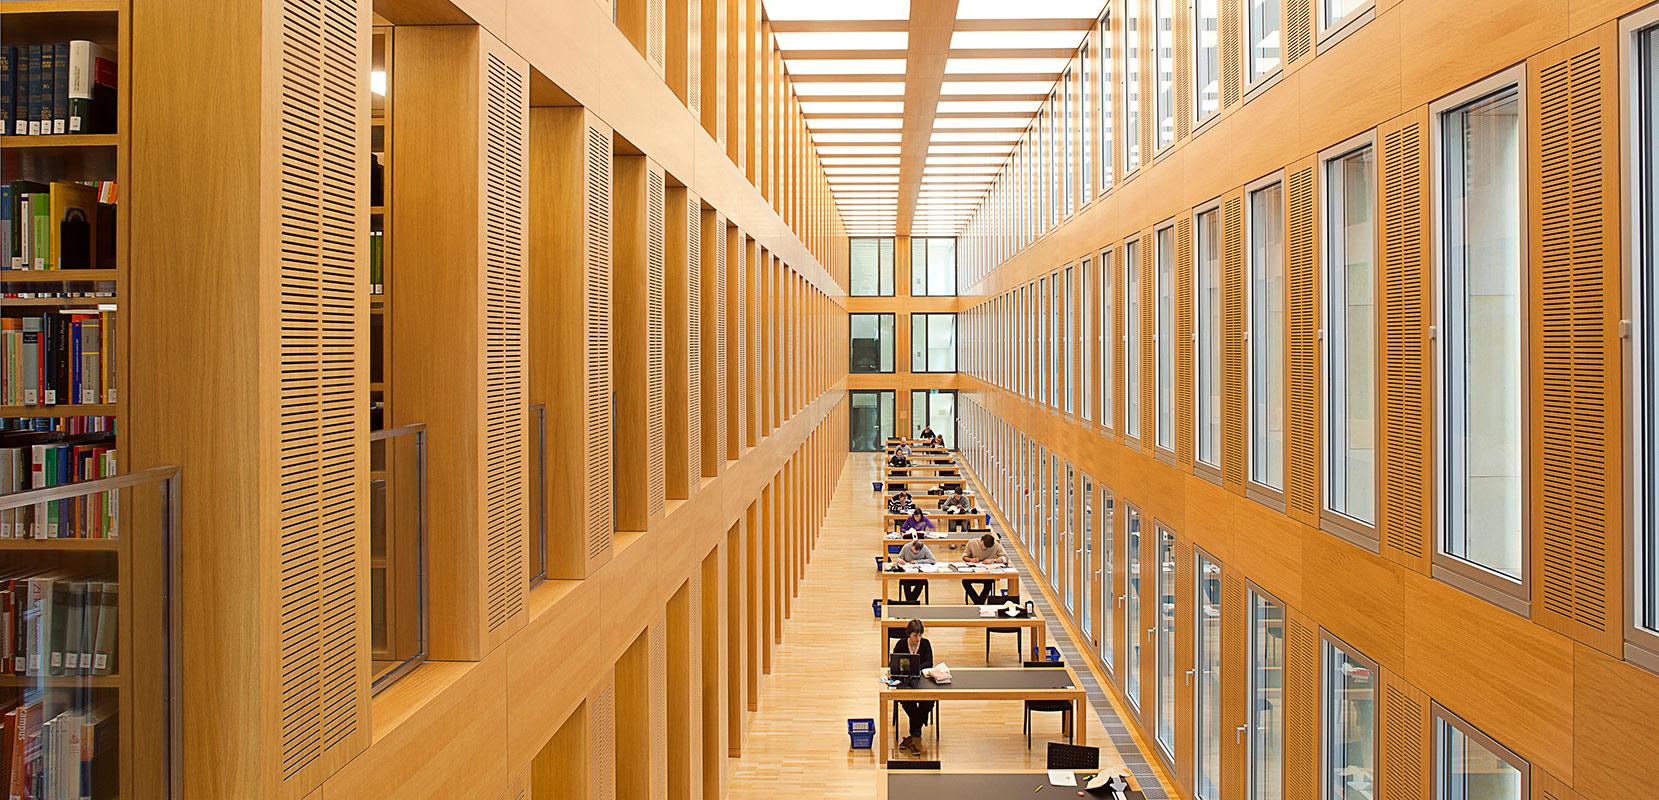 Interieurfotograf tobias vollmer fotografie for Innenarchitekt preise